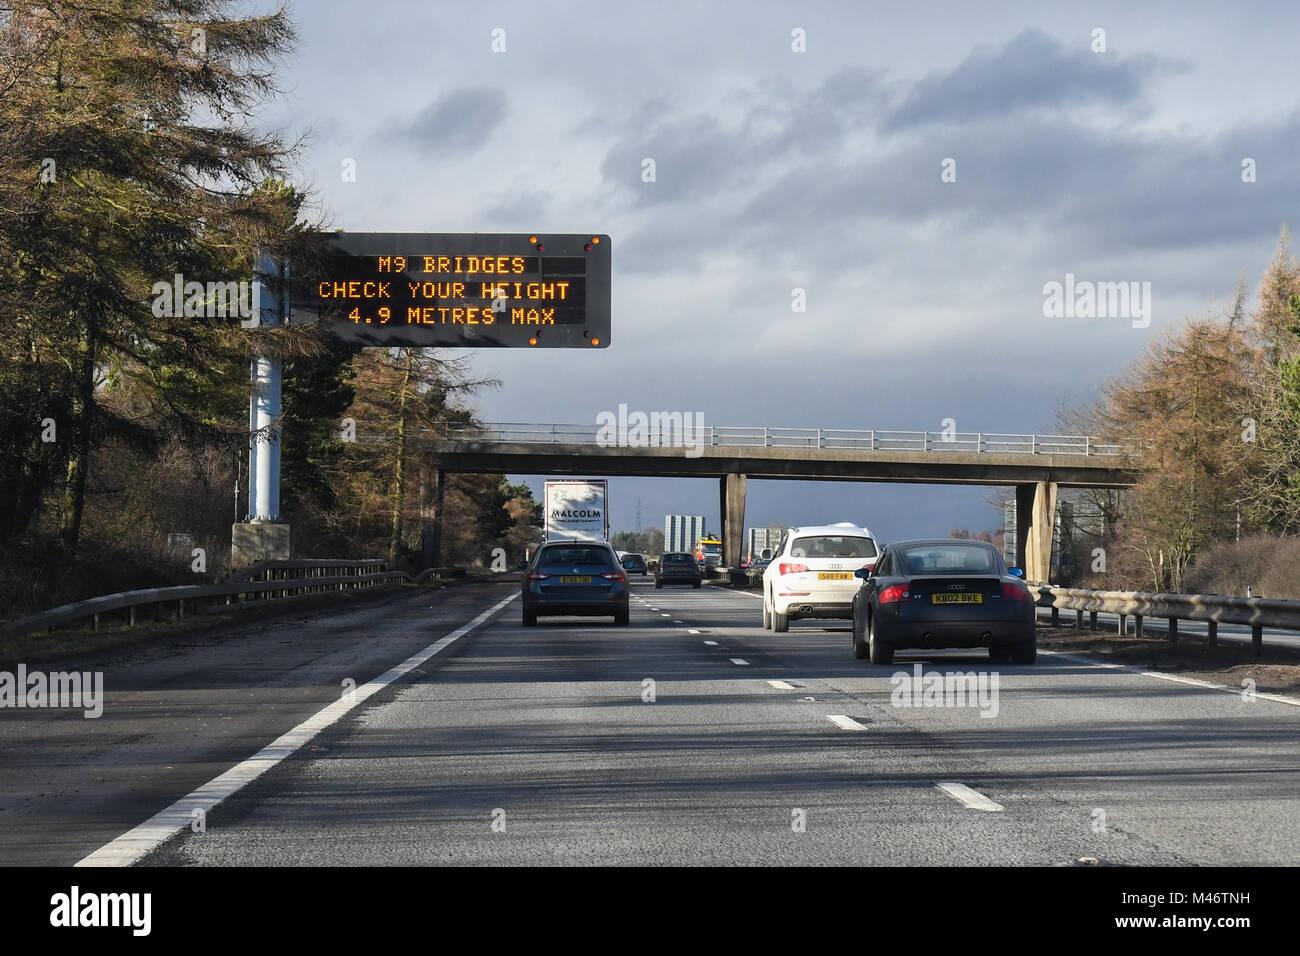 motorway bridge height warning sign on M9 motorway, Scotland, UK - Stock Image